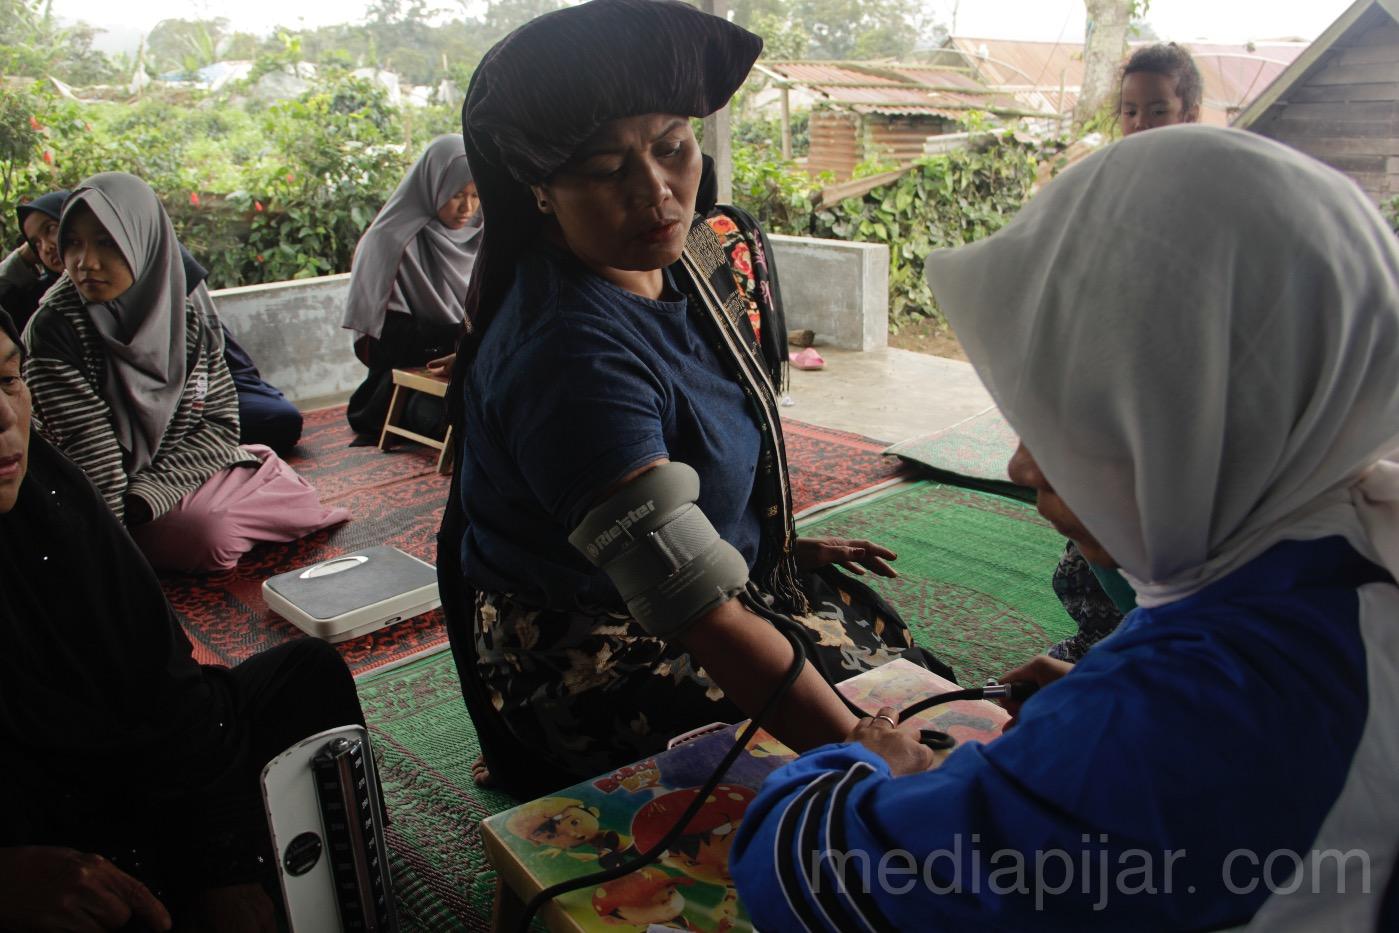 Suasana cek kesehatan oeh Beastudi Etos Medan melalui program desa produktif pada Senin (25/12) di Desa Ndeskati, Kabupaten Karo.